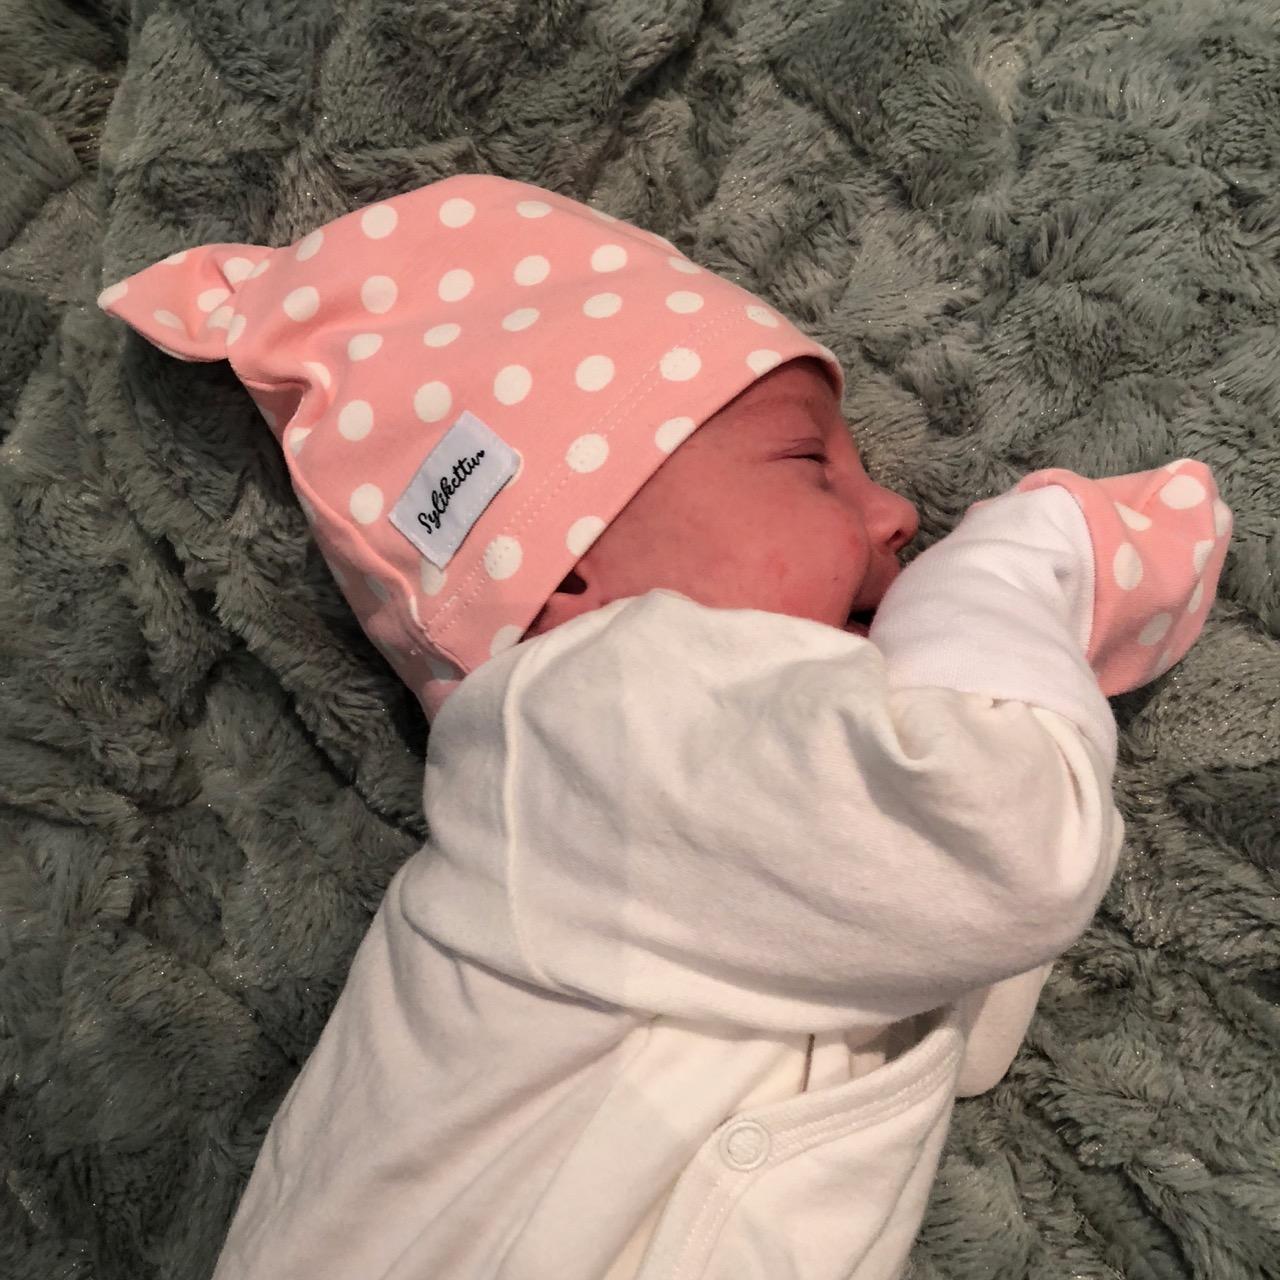 vauvan kehitys 1kk